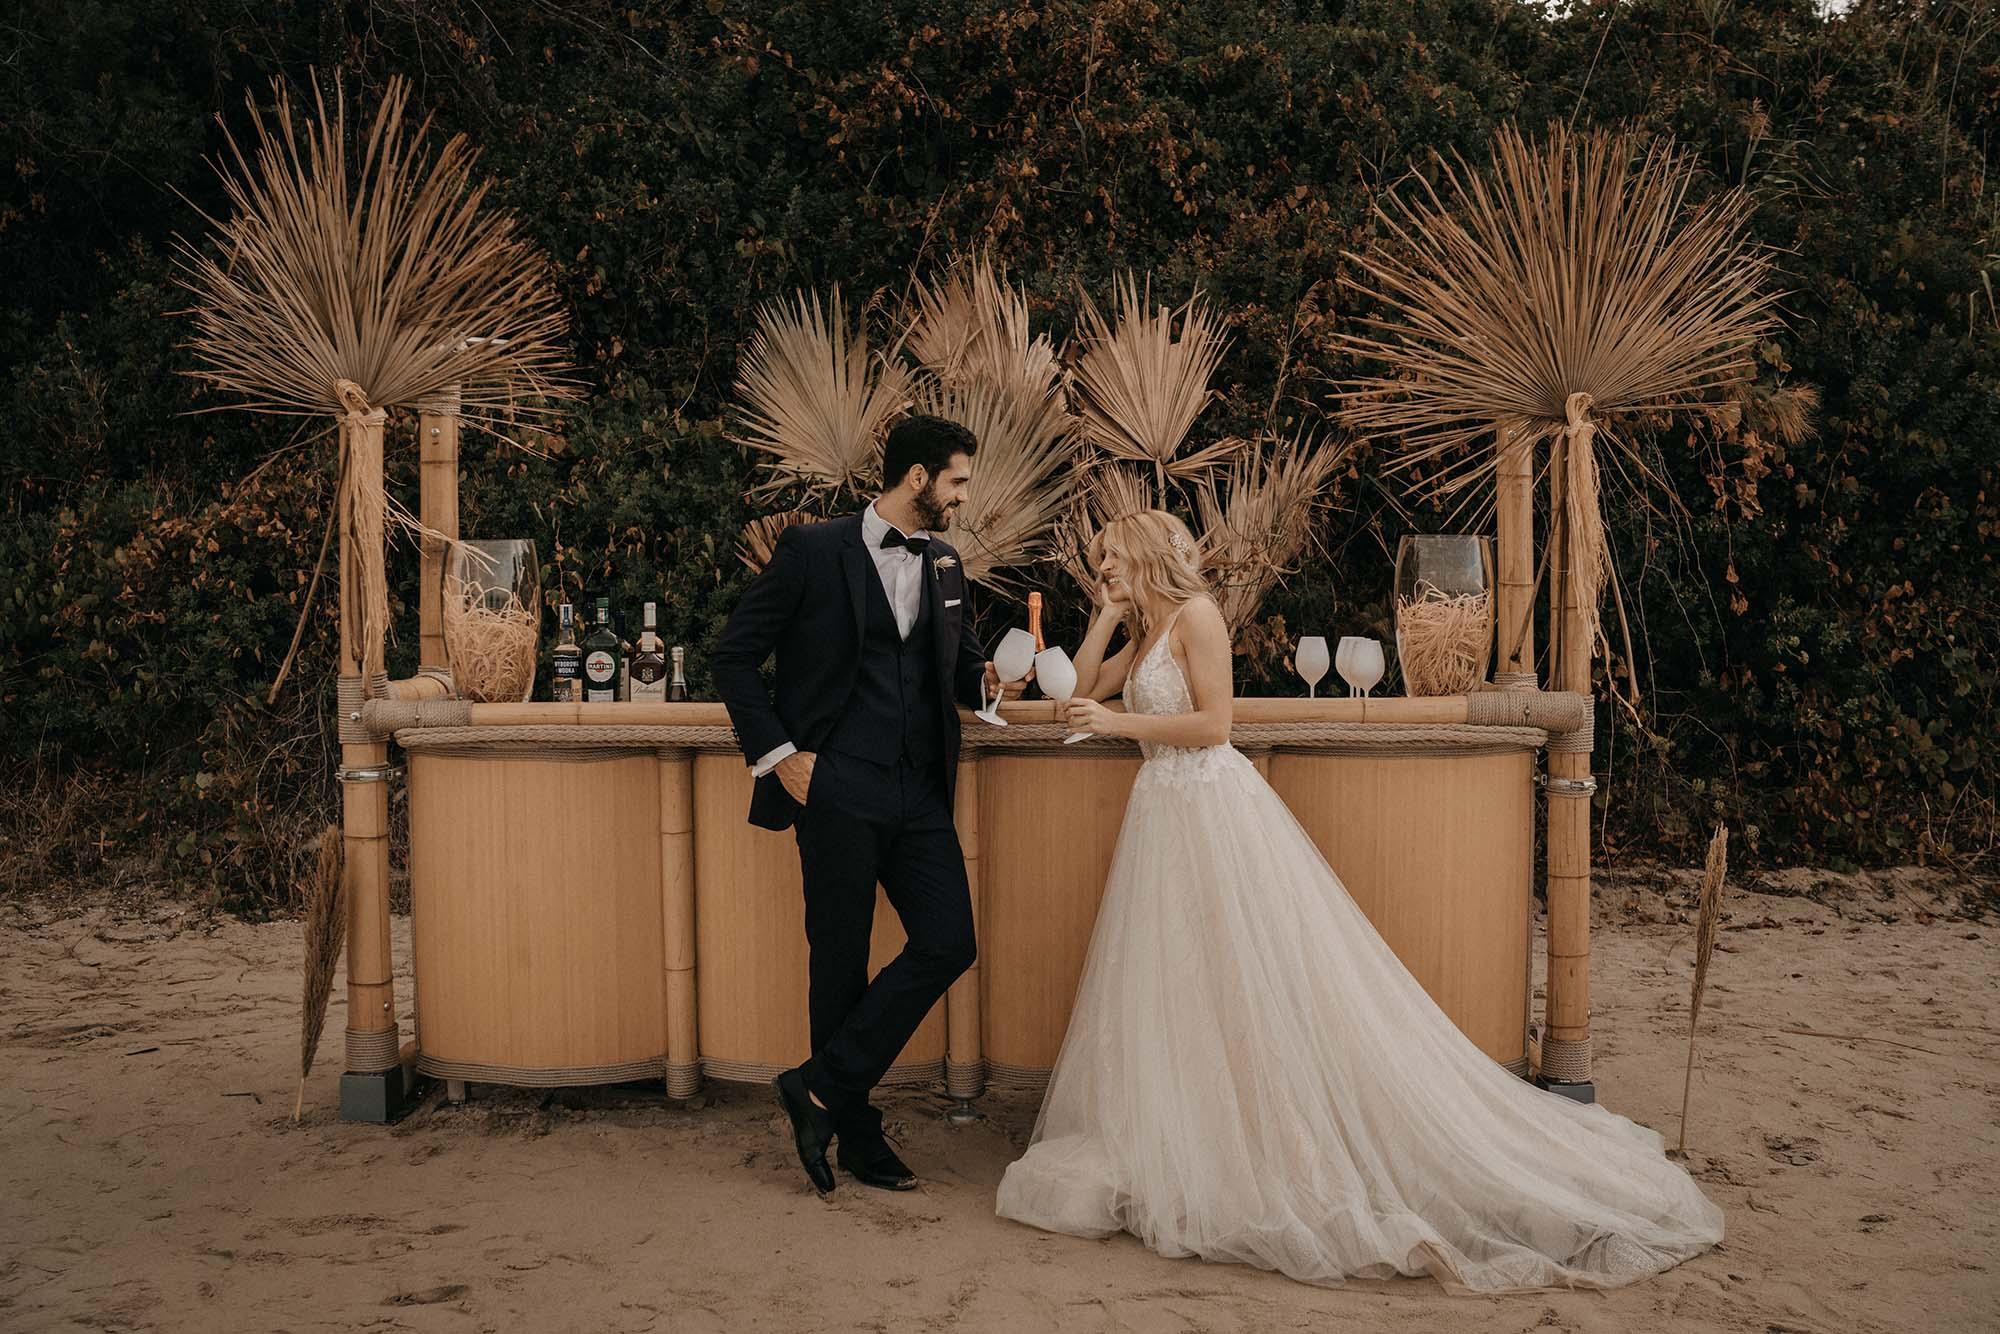 Hochzeit im Ausland – Was gibt es zu beachten?